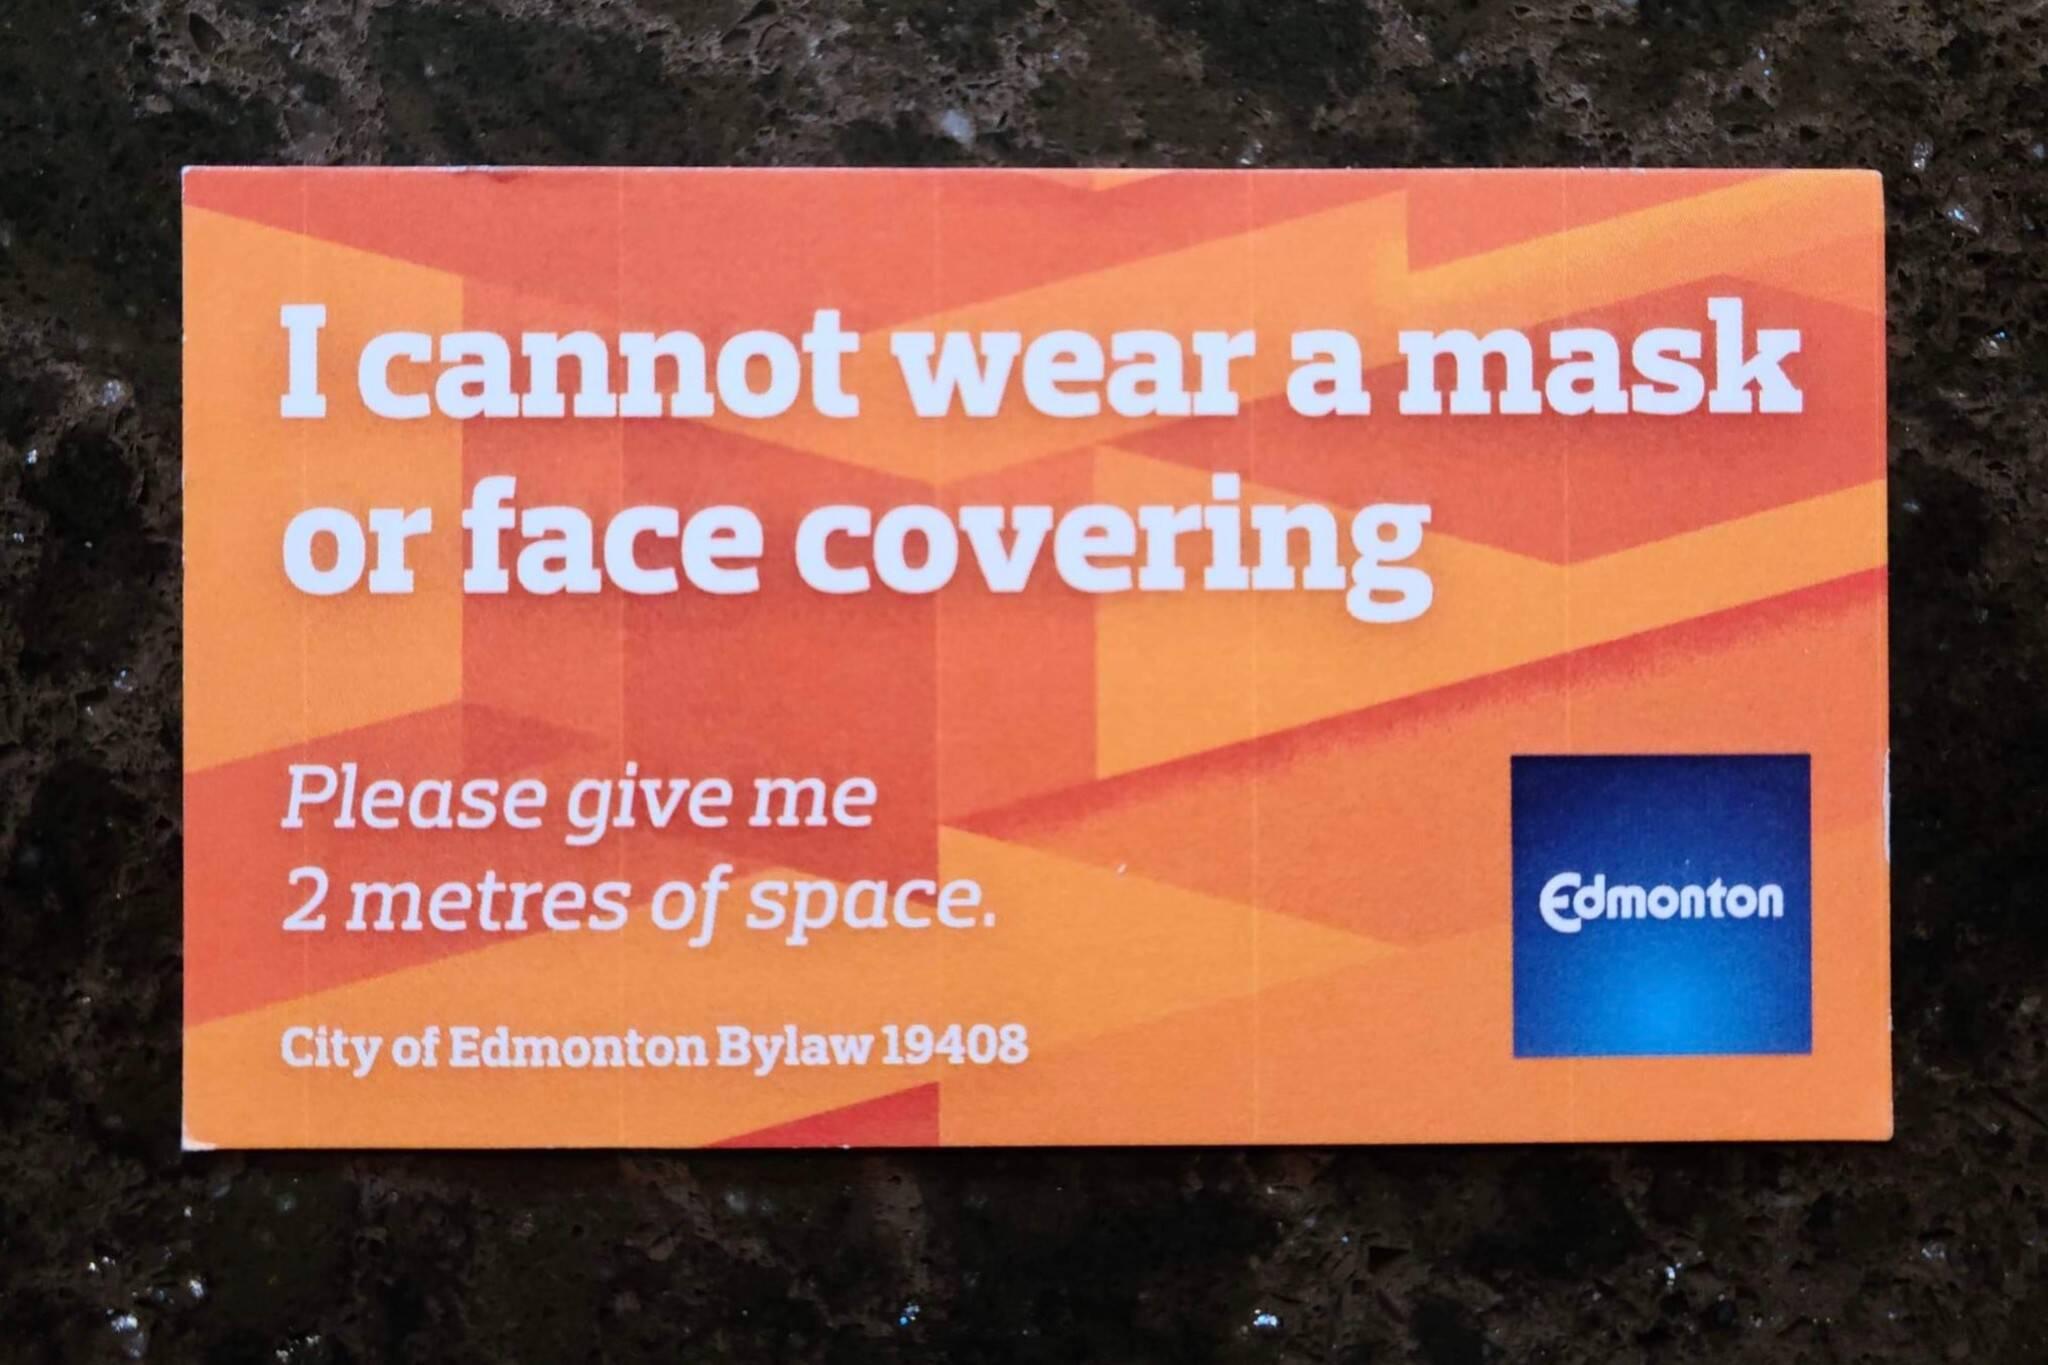 edmonton masks